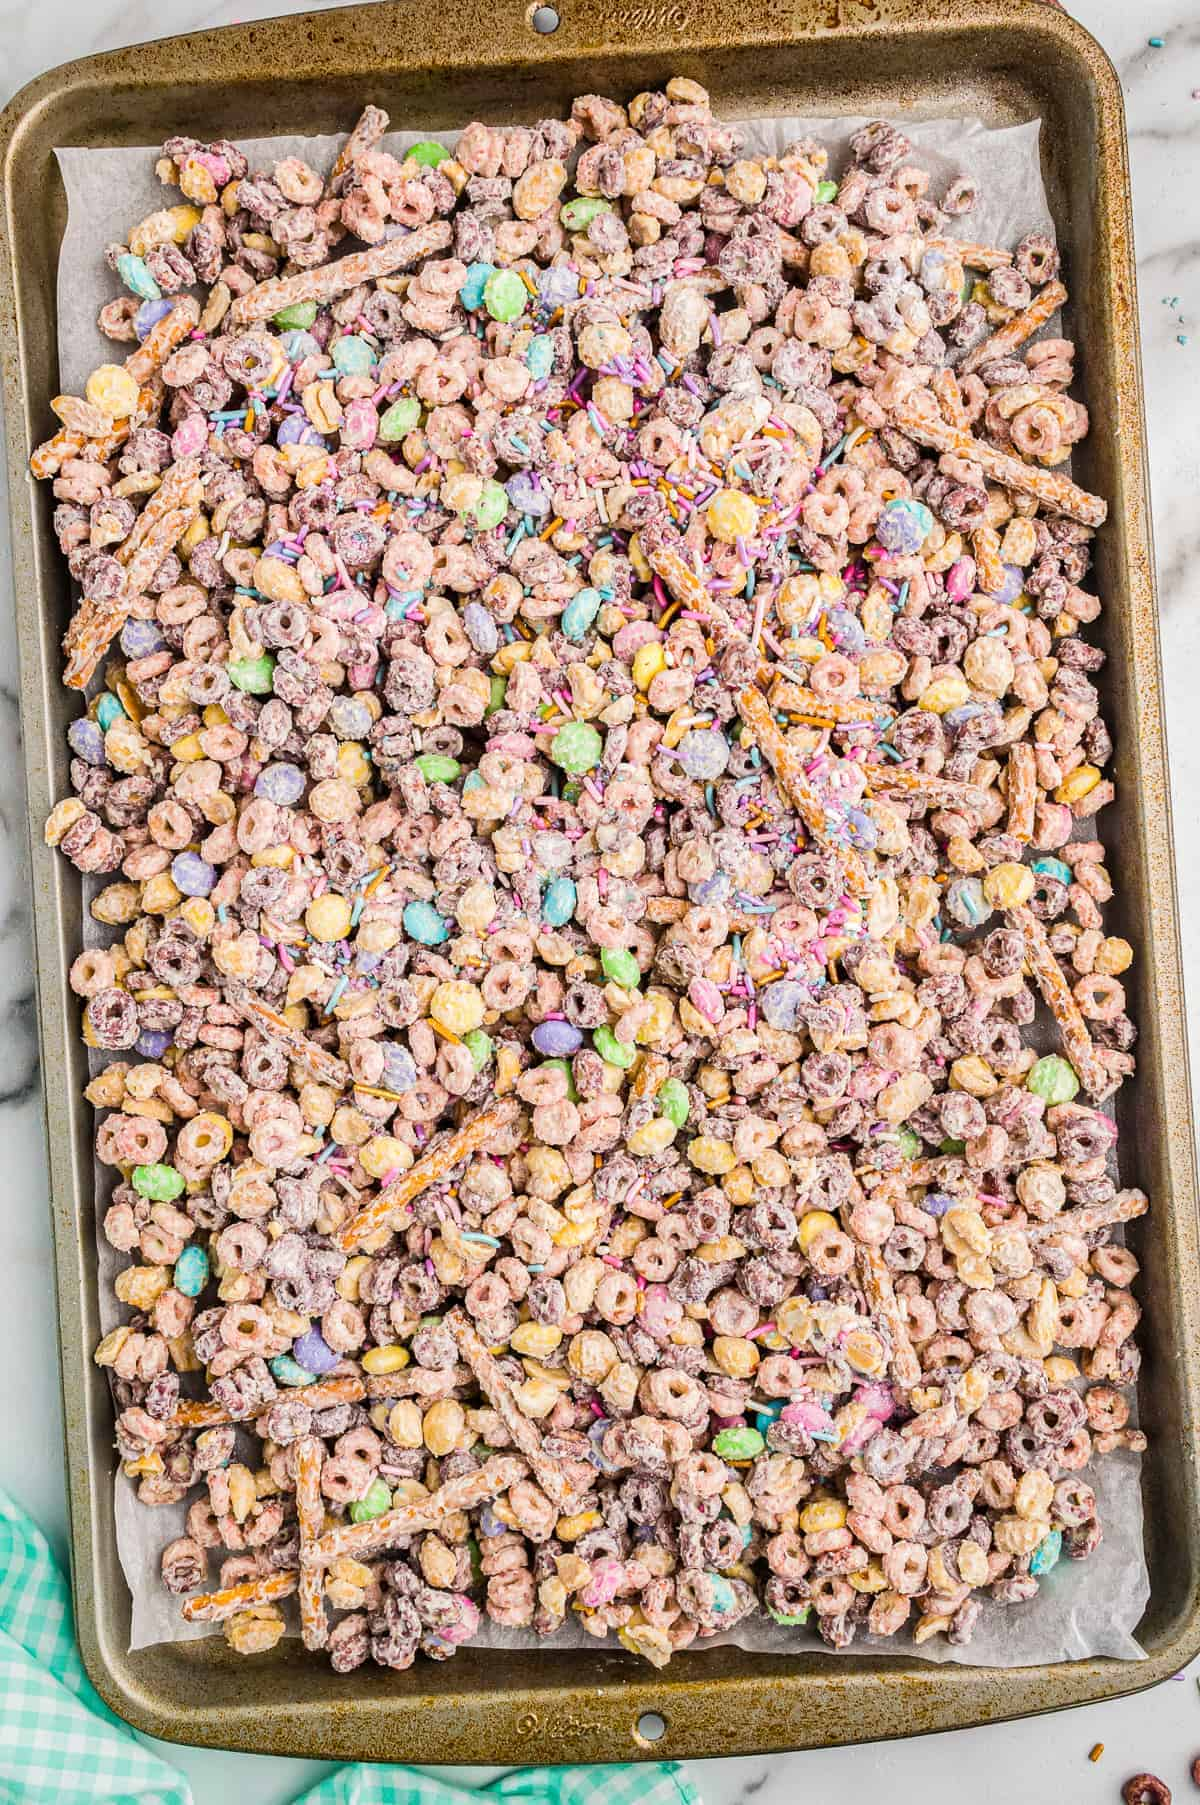 bunny bait snack mix on baking sheet